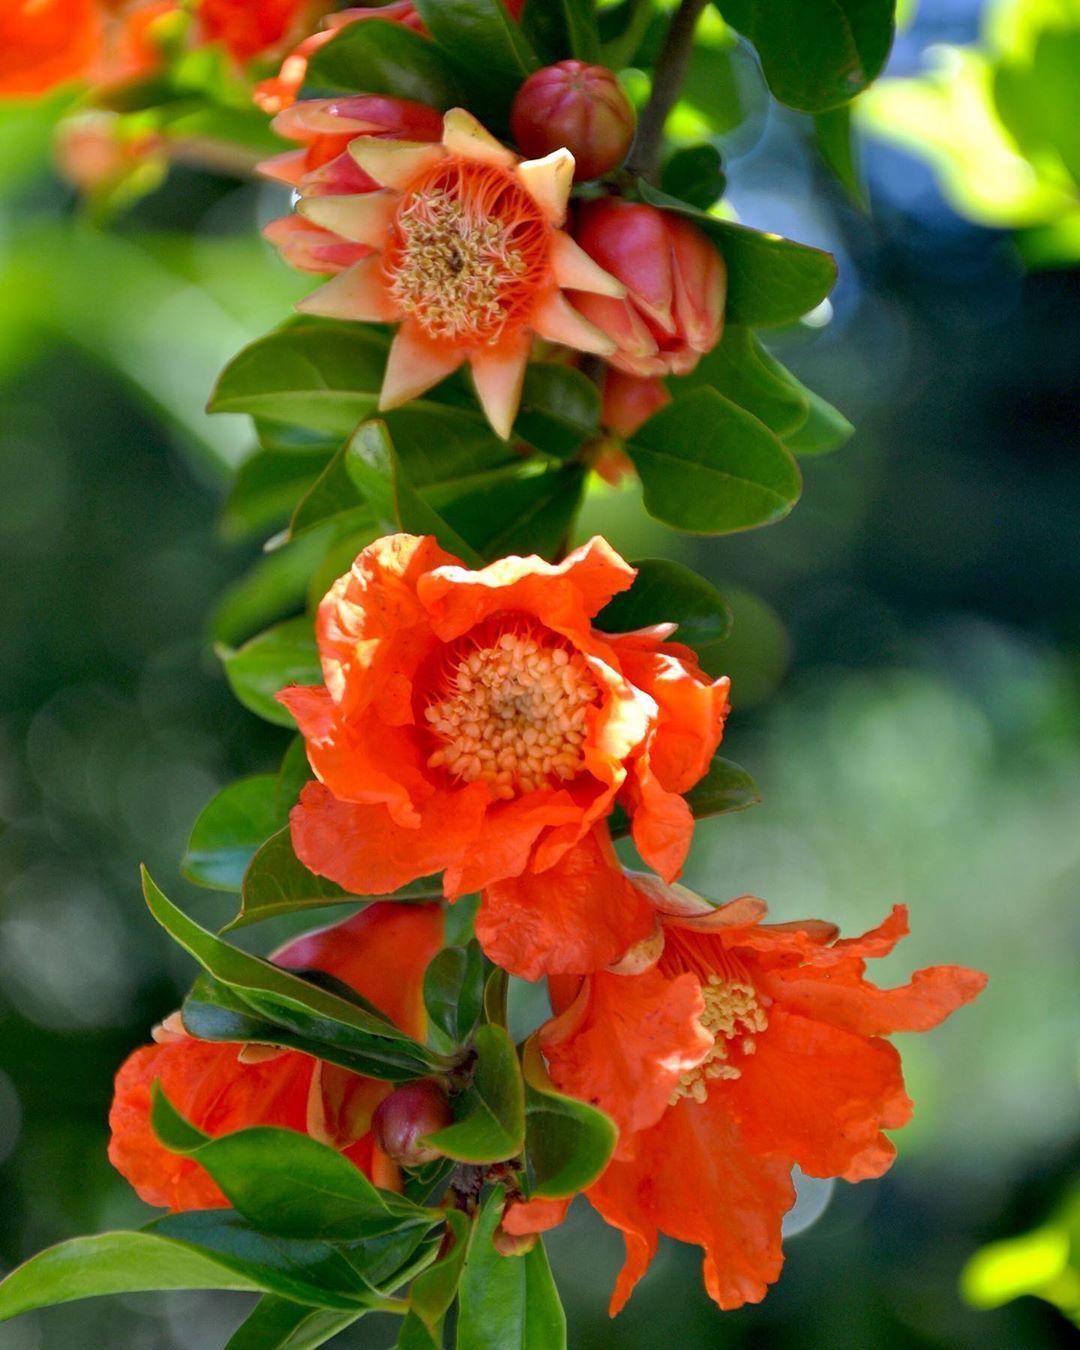 Adivina Adivinanza Acostumbrados A Ver La Fruta En El Supermercado Y En El Plato Hoy Os Enseno Una Mucho Antes De Ser Flowers Plants Bloom